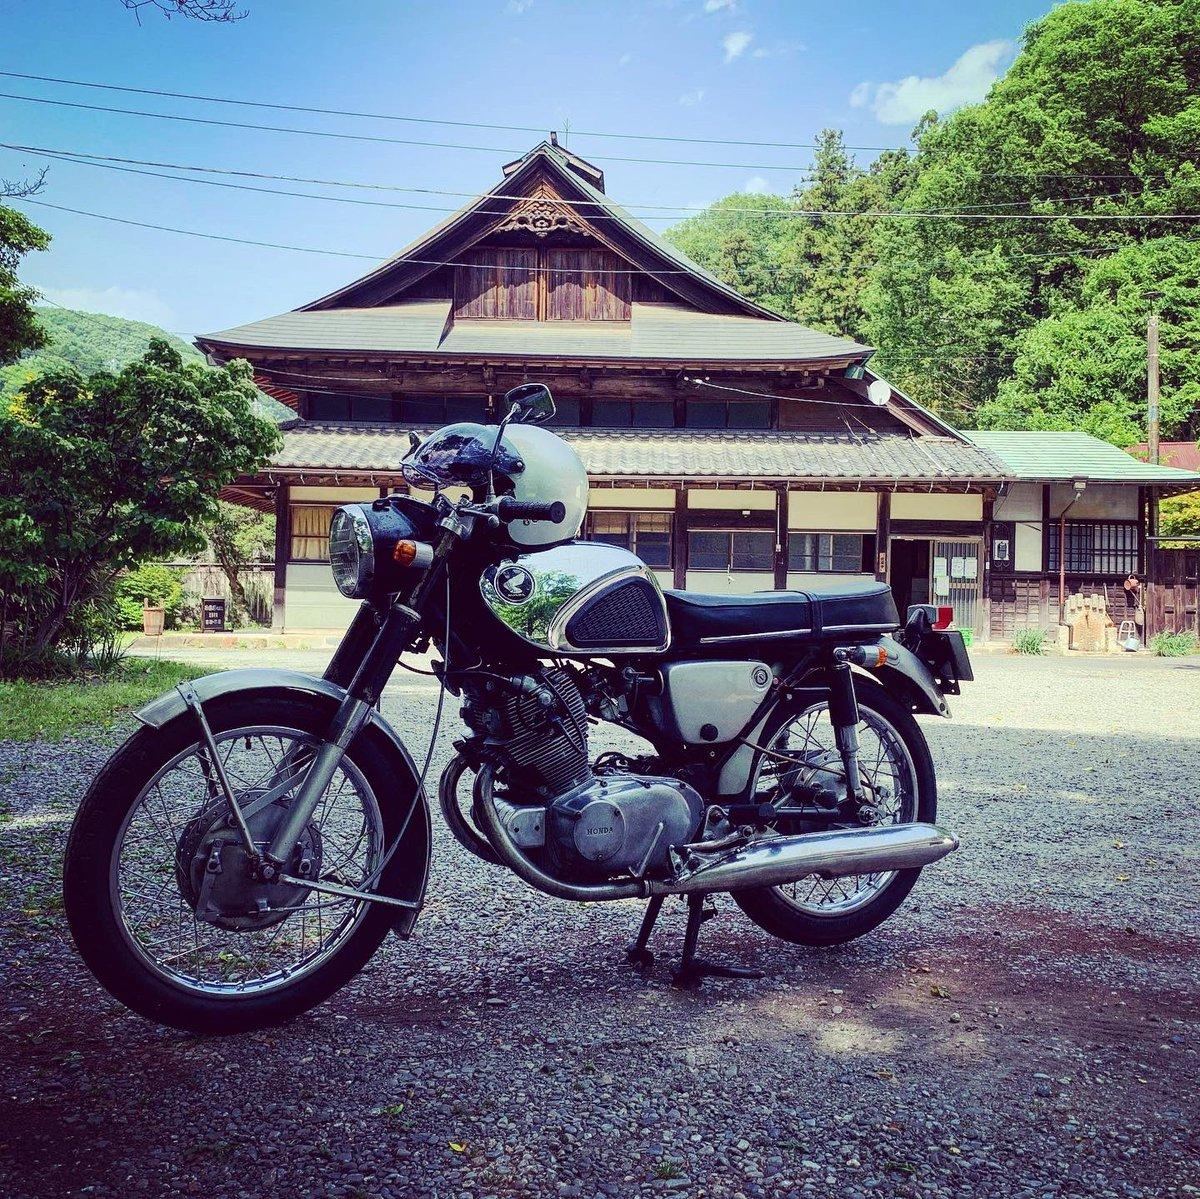 test ツイッターメディア - お酒買いに津久井の久保田酒造さんまで。 こういうところはパワースポットだと思ってるので、蔵巡り大好きです。古いバイクともよく合うし。 #相模灘  #cb72  #classicbike https://t.co/91rGLr5HbT